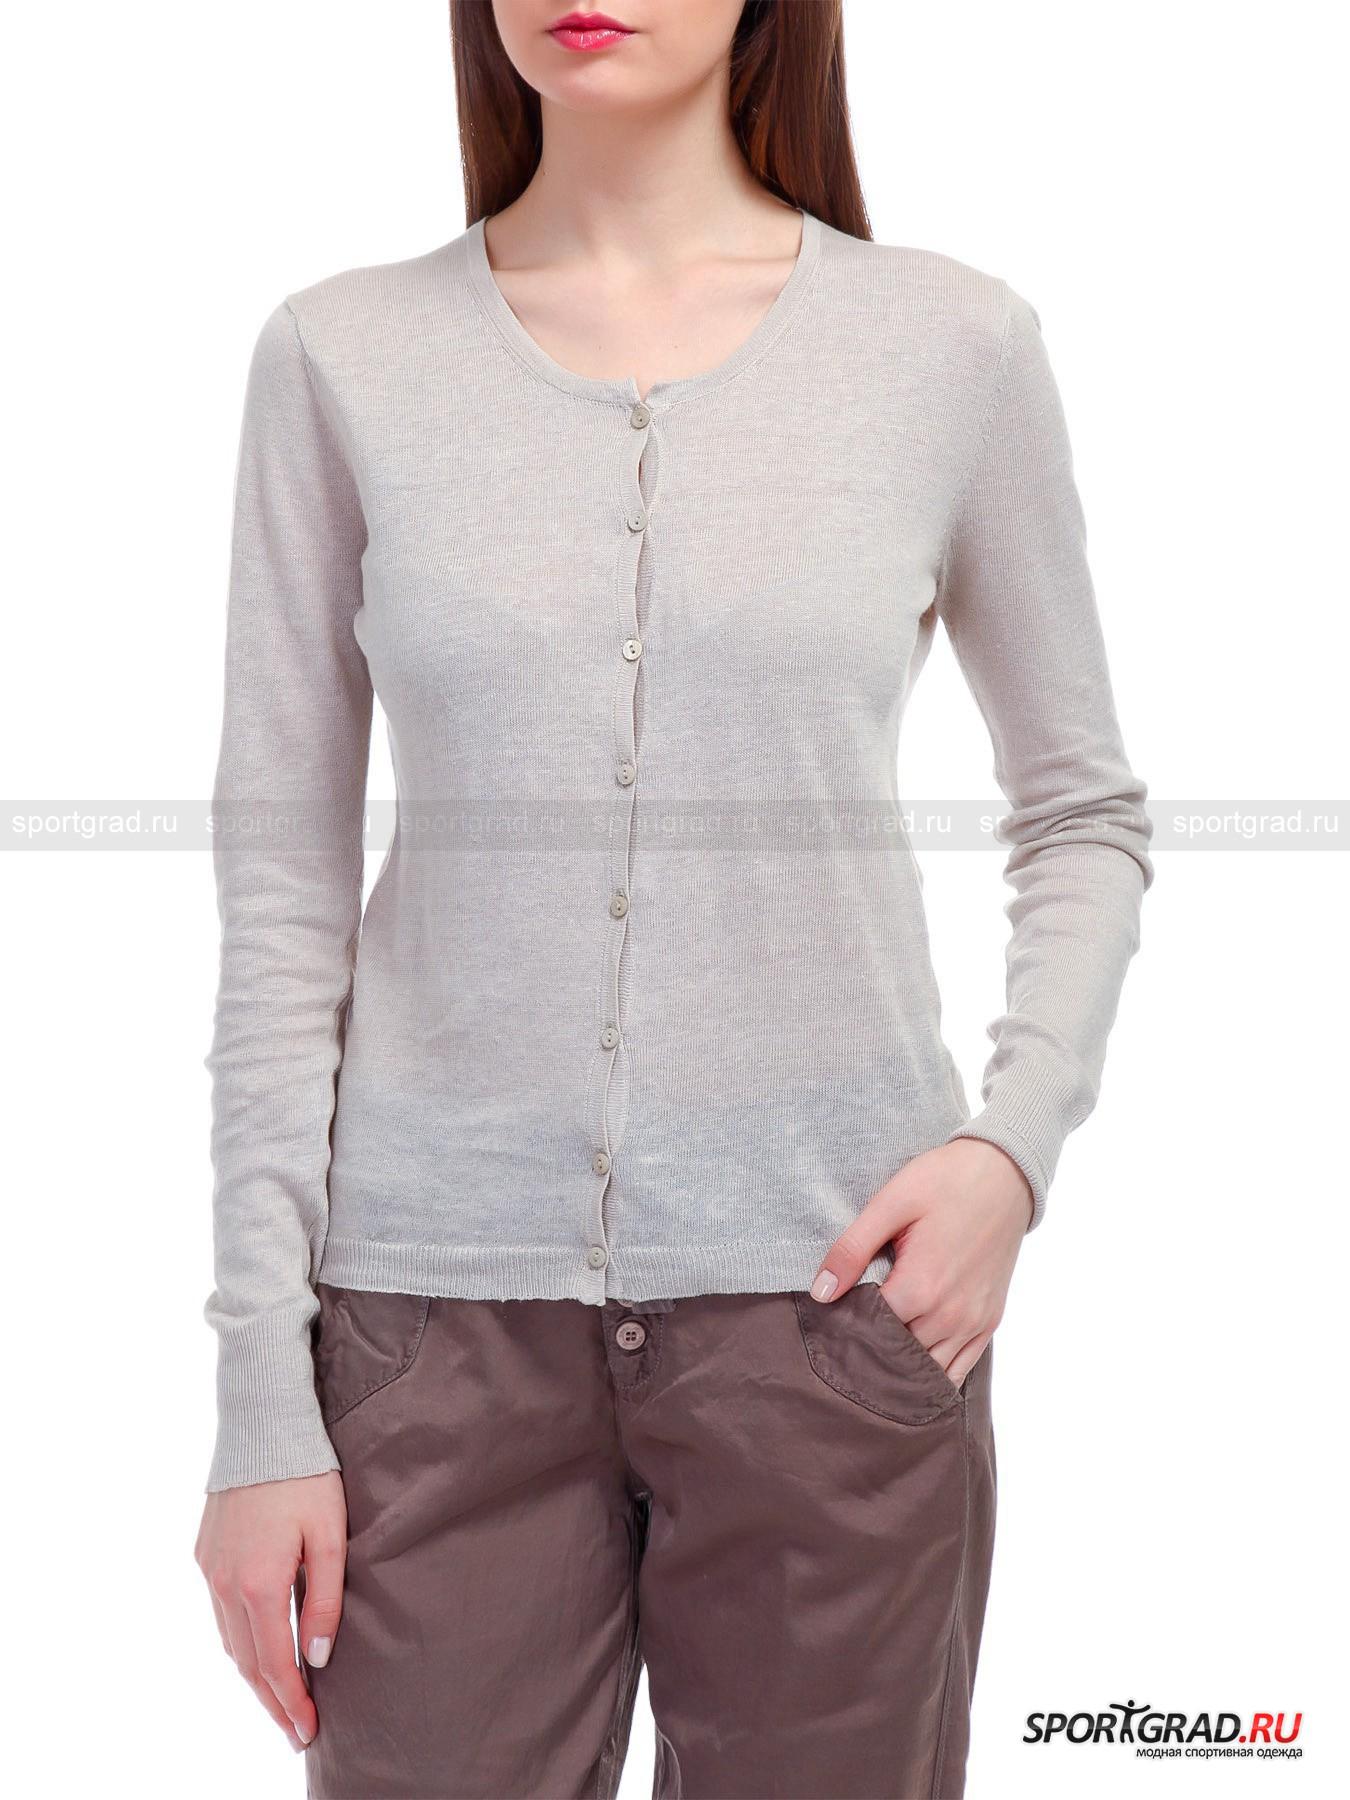 Кардиган женский легкий Cardigan DEHAДжемперы, Свитеры, Пуловеры<br>Легкий женский кардиган Cardigan DEHA на пуговках, декорированный со стороны левого бедра скромной аппликацией из блестящих металлостраз, выложивших логотип торговой марки – необходимая для лета вещь, которую можно для тепла накинуть на плечи, чуть Вы почувствовали, как потянуло зябким холодком с набережной или задуло от кондиционера в туристическом автобусе. Выполненное из смеси льна и хлопка, изделие представляет собой модель, которая умеет дышать, мало пачкаться и прекрасно впитывать влагу. Вязка в «резинку», которой отделан округлый вырез горловины, высокие прилегающие манжеты и низ полочек со спинкой, способствует комфортной посадке. <br><br>Длина изделия сзади от горловины до низа ок. 59 см, длина рукава по внутреннему шву 50, 5 см, ширина груди 46, 5 см, ширина по бедрам 43, 5 см (размер S).<br><br>Пол: Женский<br>Возраст: Взрослый<br>Тип: Джемперы, Свитеры, Пуловеры<br>Рекомендации по уходу: Изделию показана стирка при температуре 30°, глажка при температуре, не превышающей 110°, и химчистка. Запрещены отбеливание и сушка в стиральной машине или электросушилке для белья.<br>Состав: 81% лен, 19% хлопок